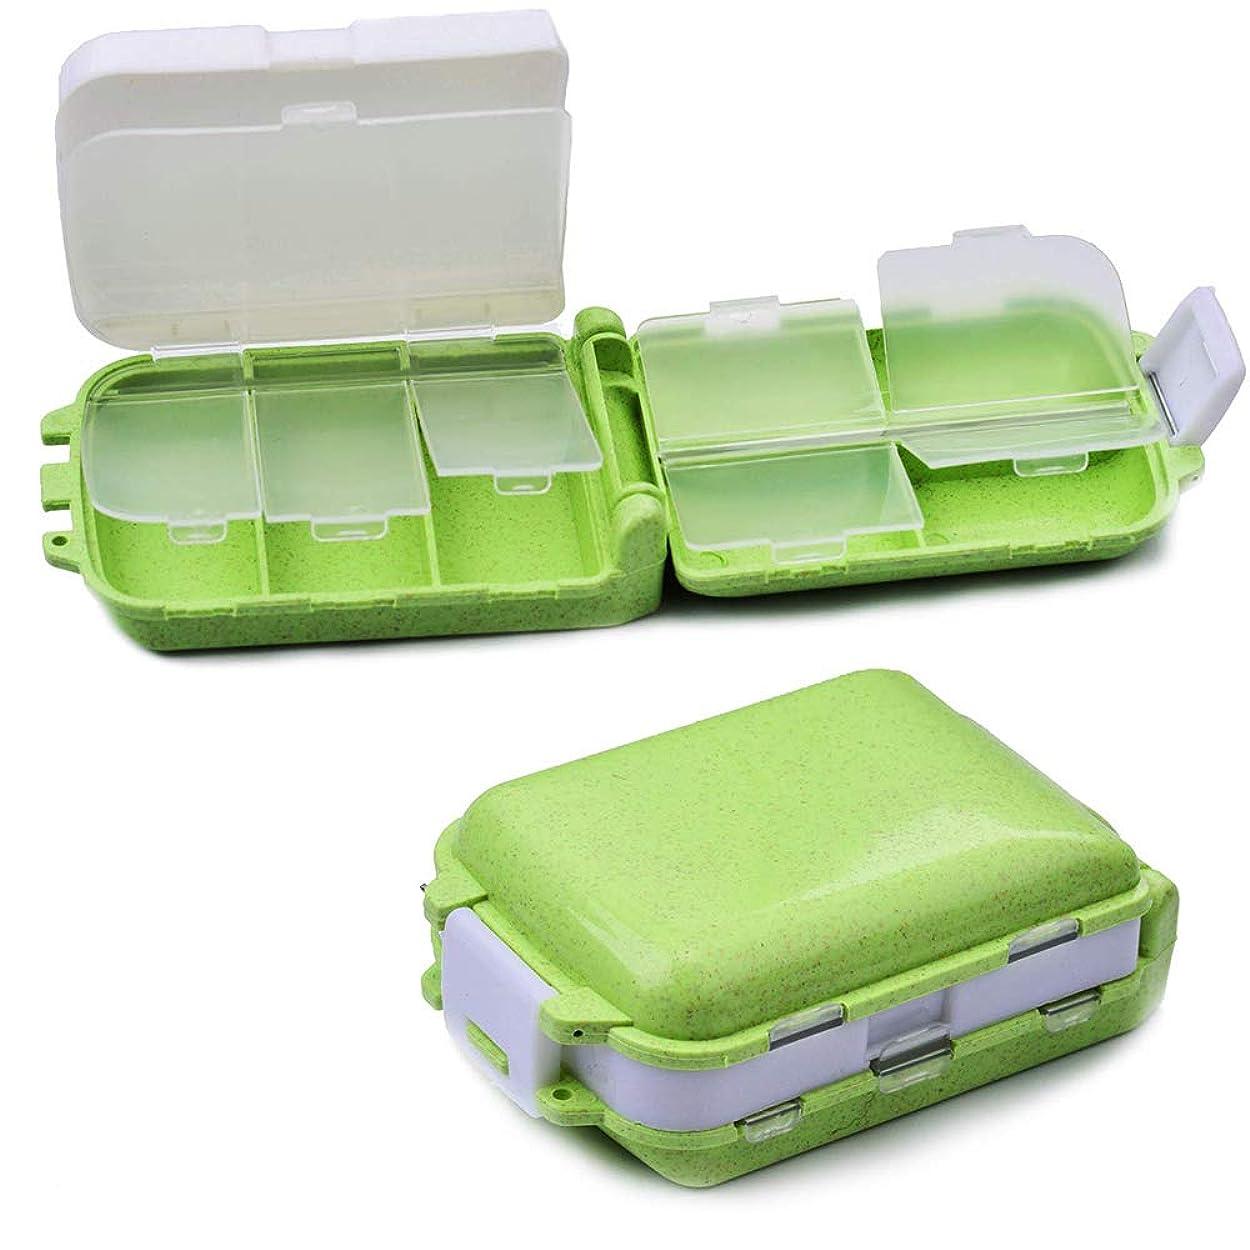 ポータブルピルケース 薬ケース ピルケース 3段分割 ピルケース くすり入れ 薬入れ 携帯 常備薬 収納 コンパクト